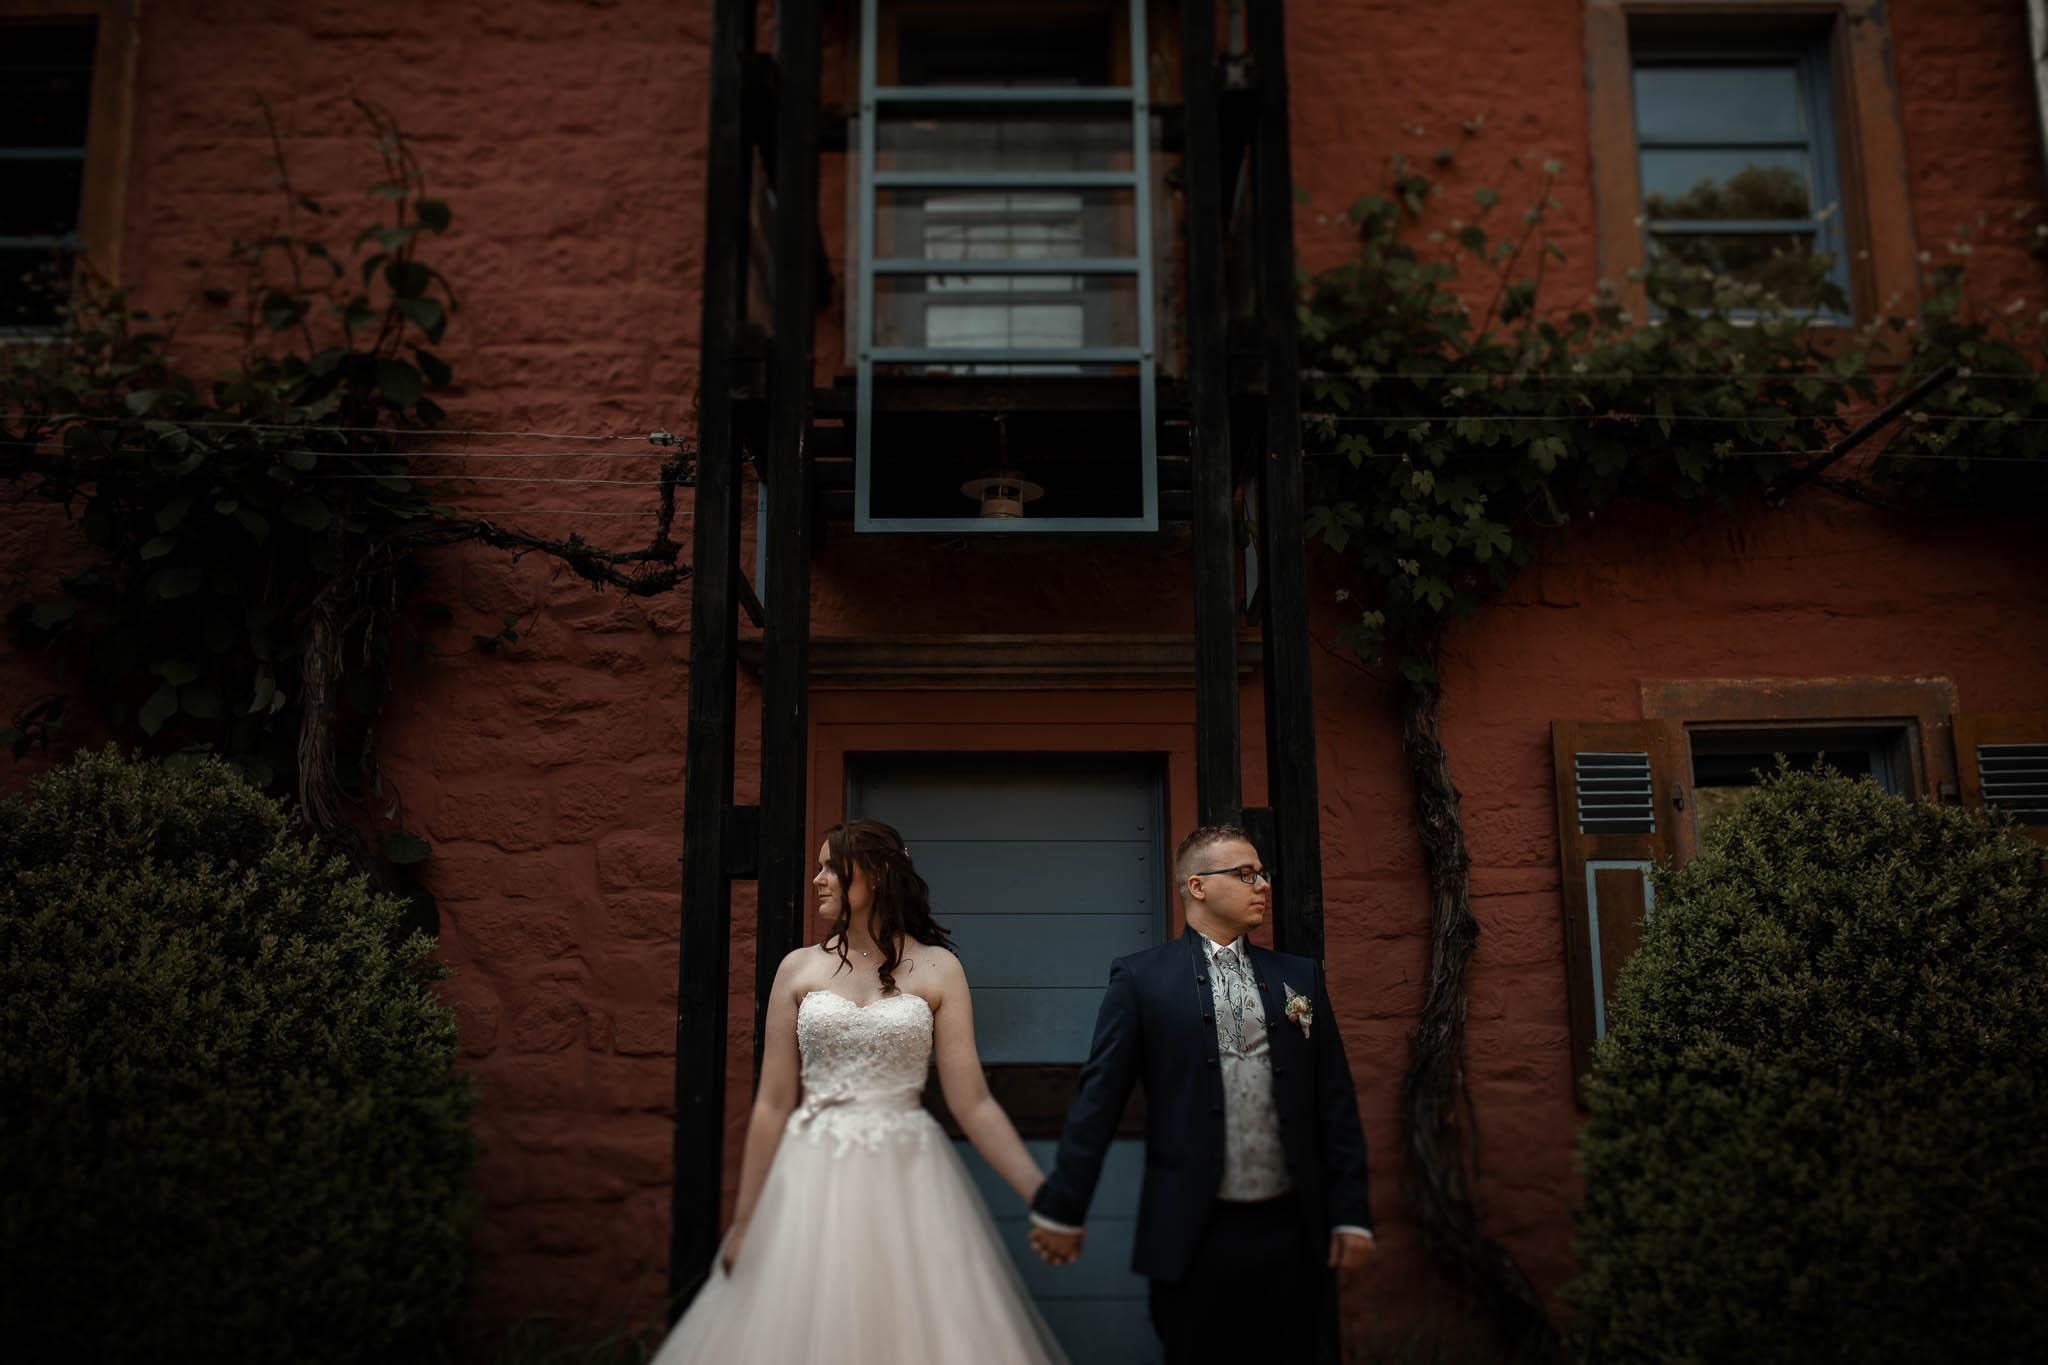 Hochzeitsfotograf Wartenberg-Rohrbach – Hochzeit in der Mühle am Schlossberg: Freie Trauung von Fine & Daniel